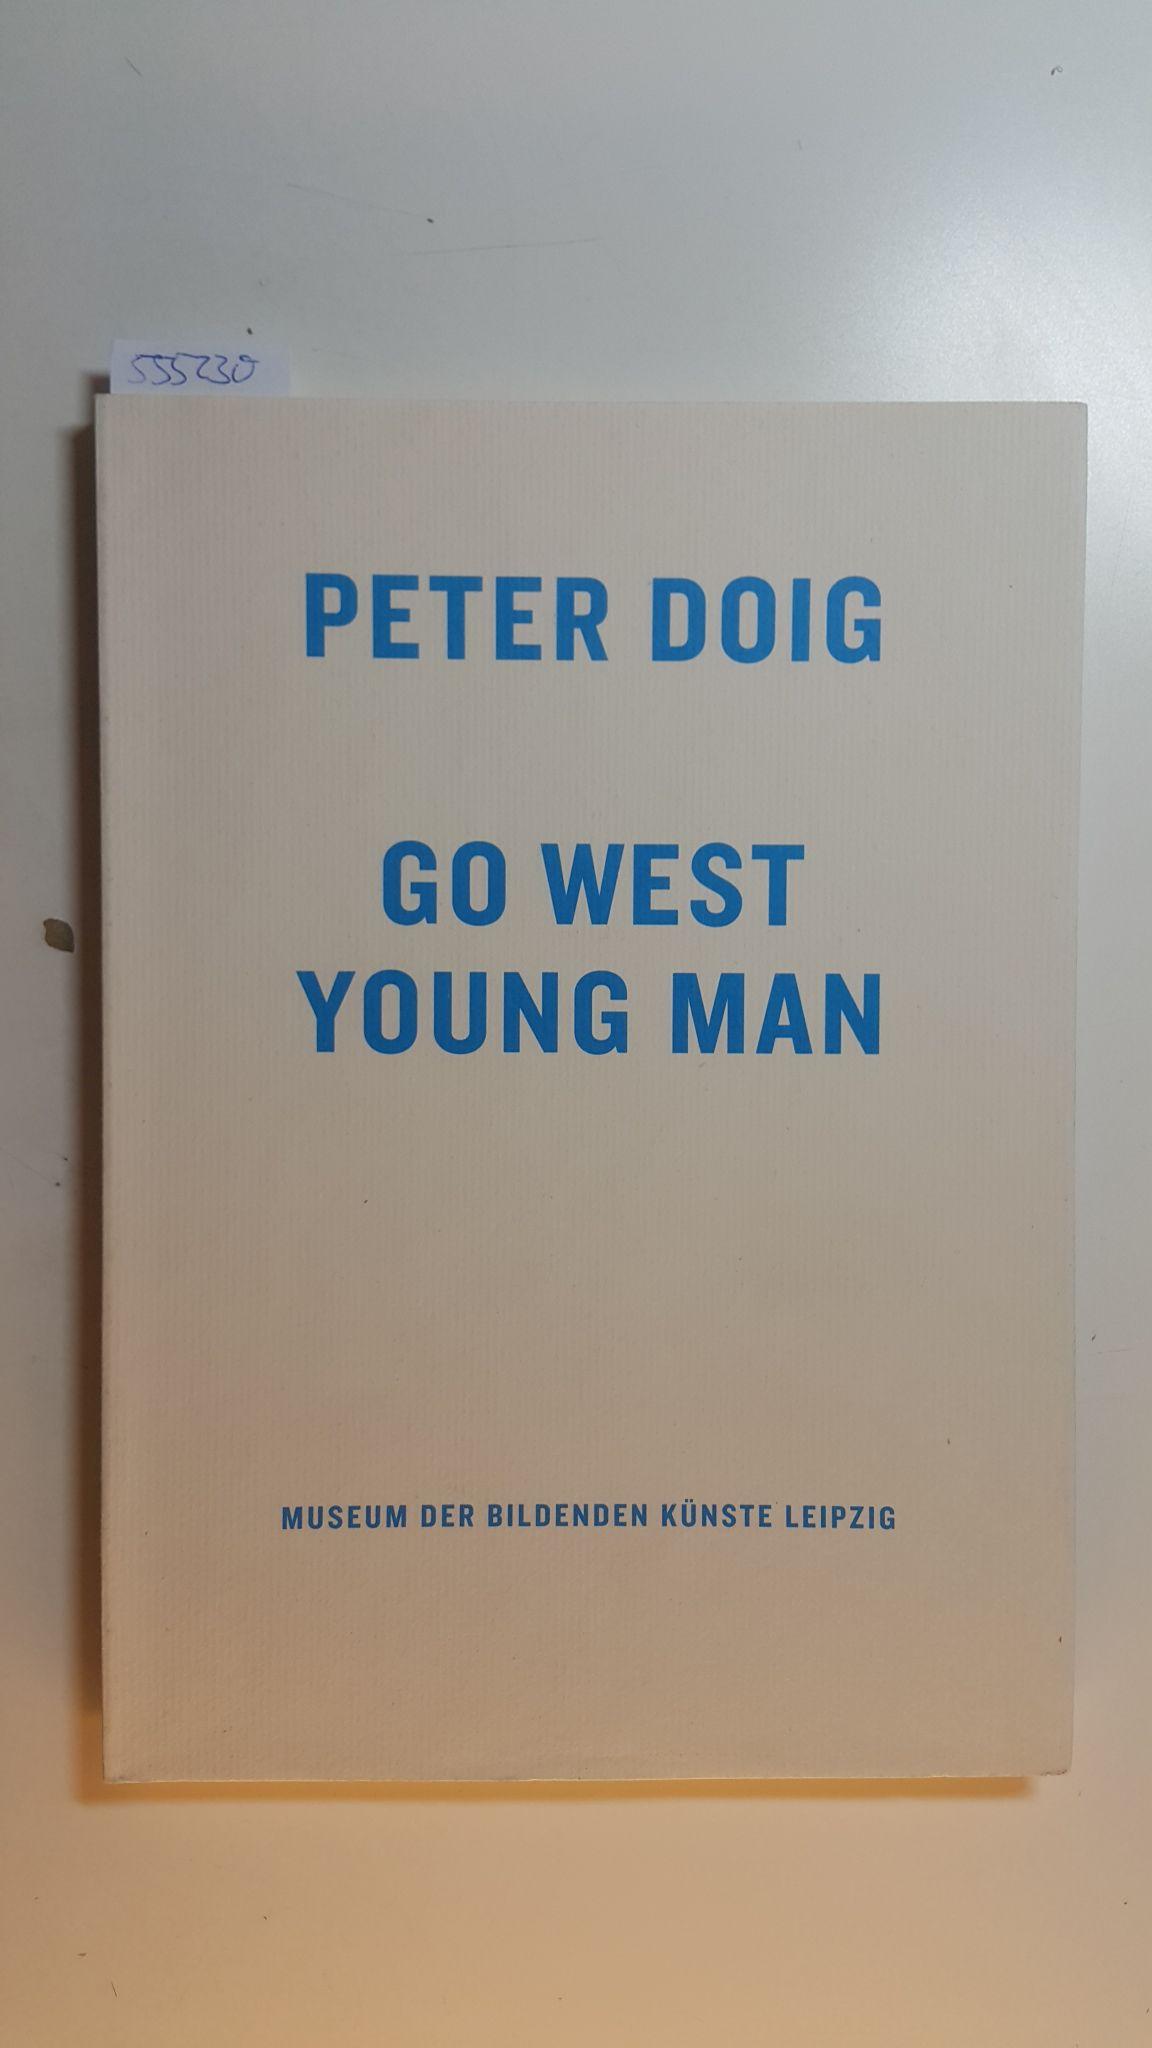 Peter Doig, go west young man : Schmidt, Hans-Werner ;